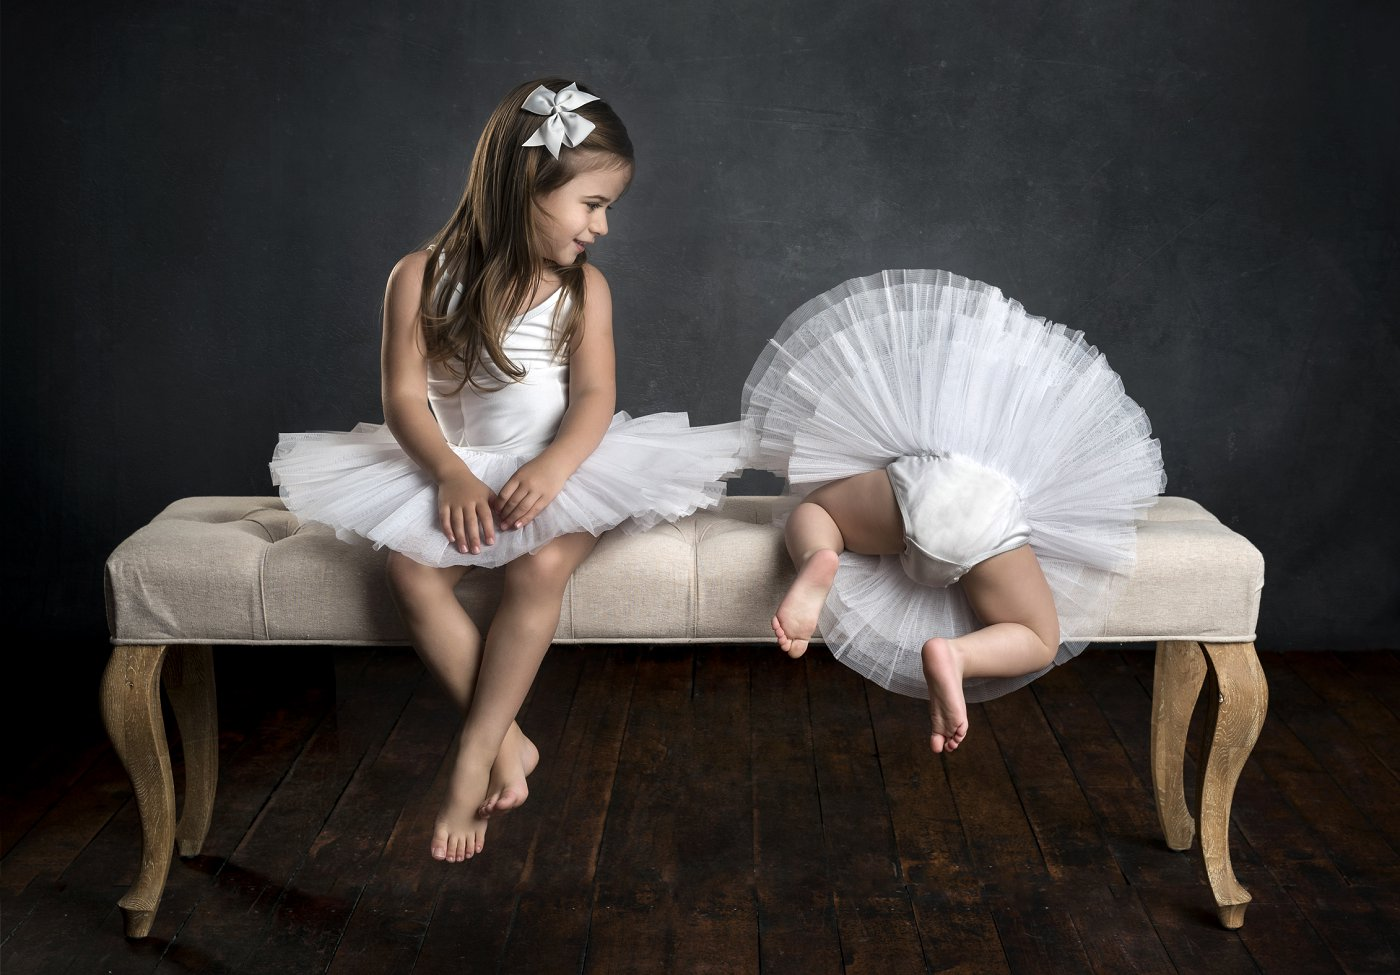 ballet-photographer-sydney